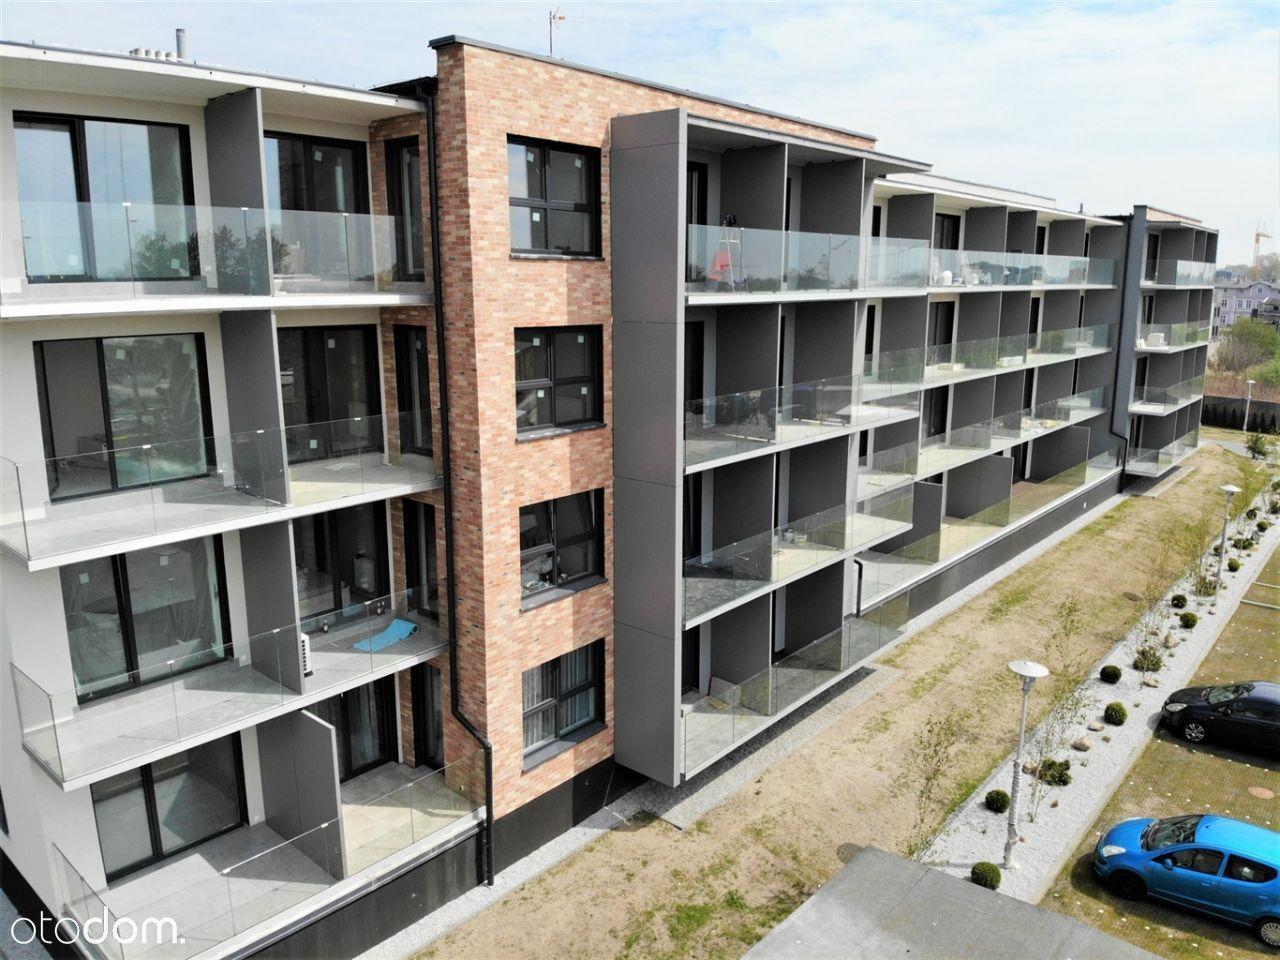 Nowe Mieszkanie #Zachód #Balkon # Parking #Basen